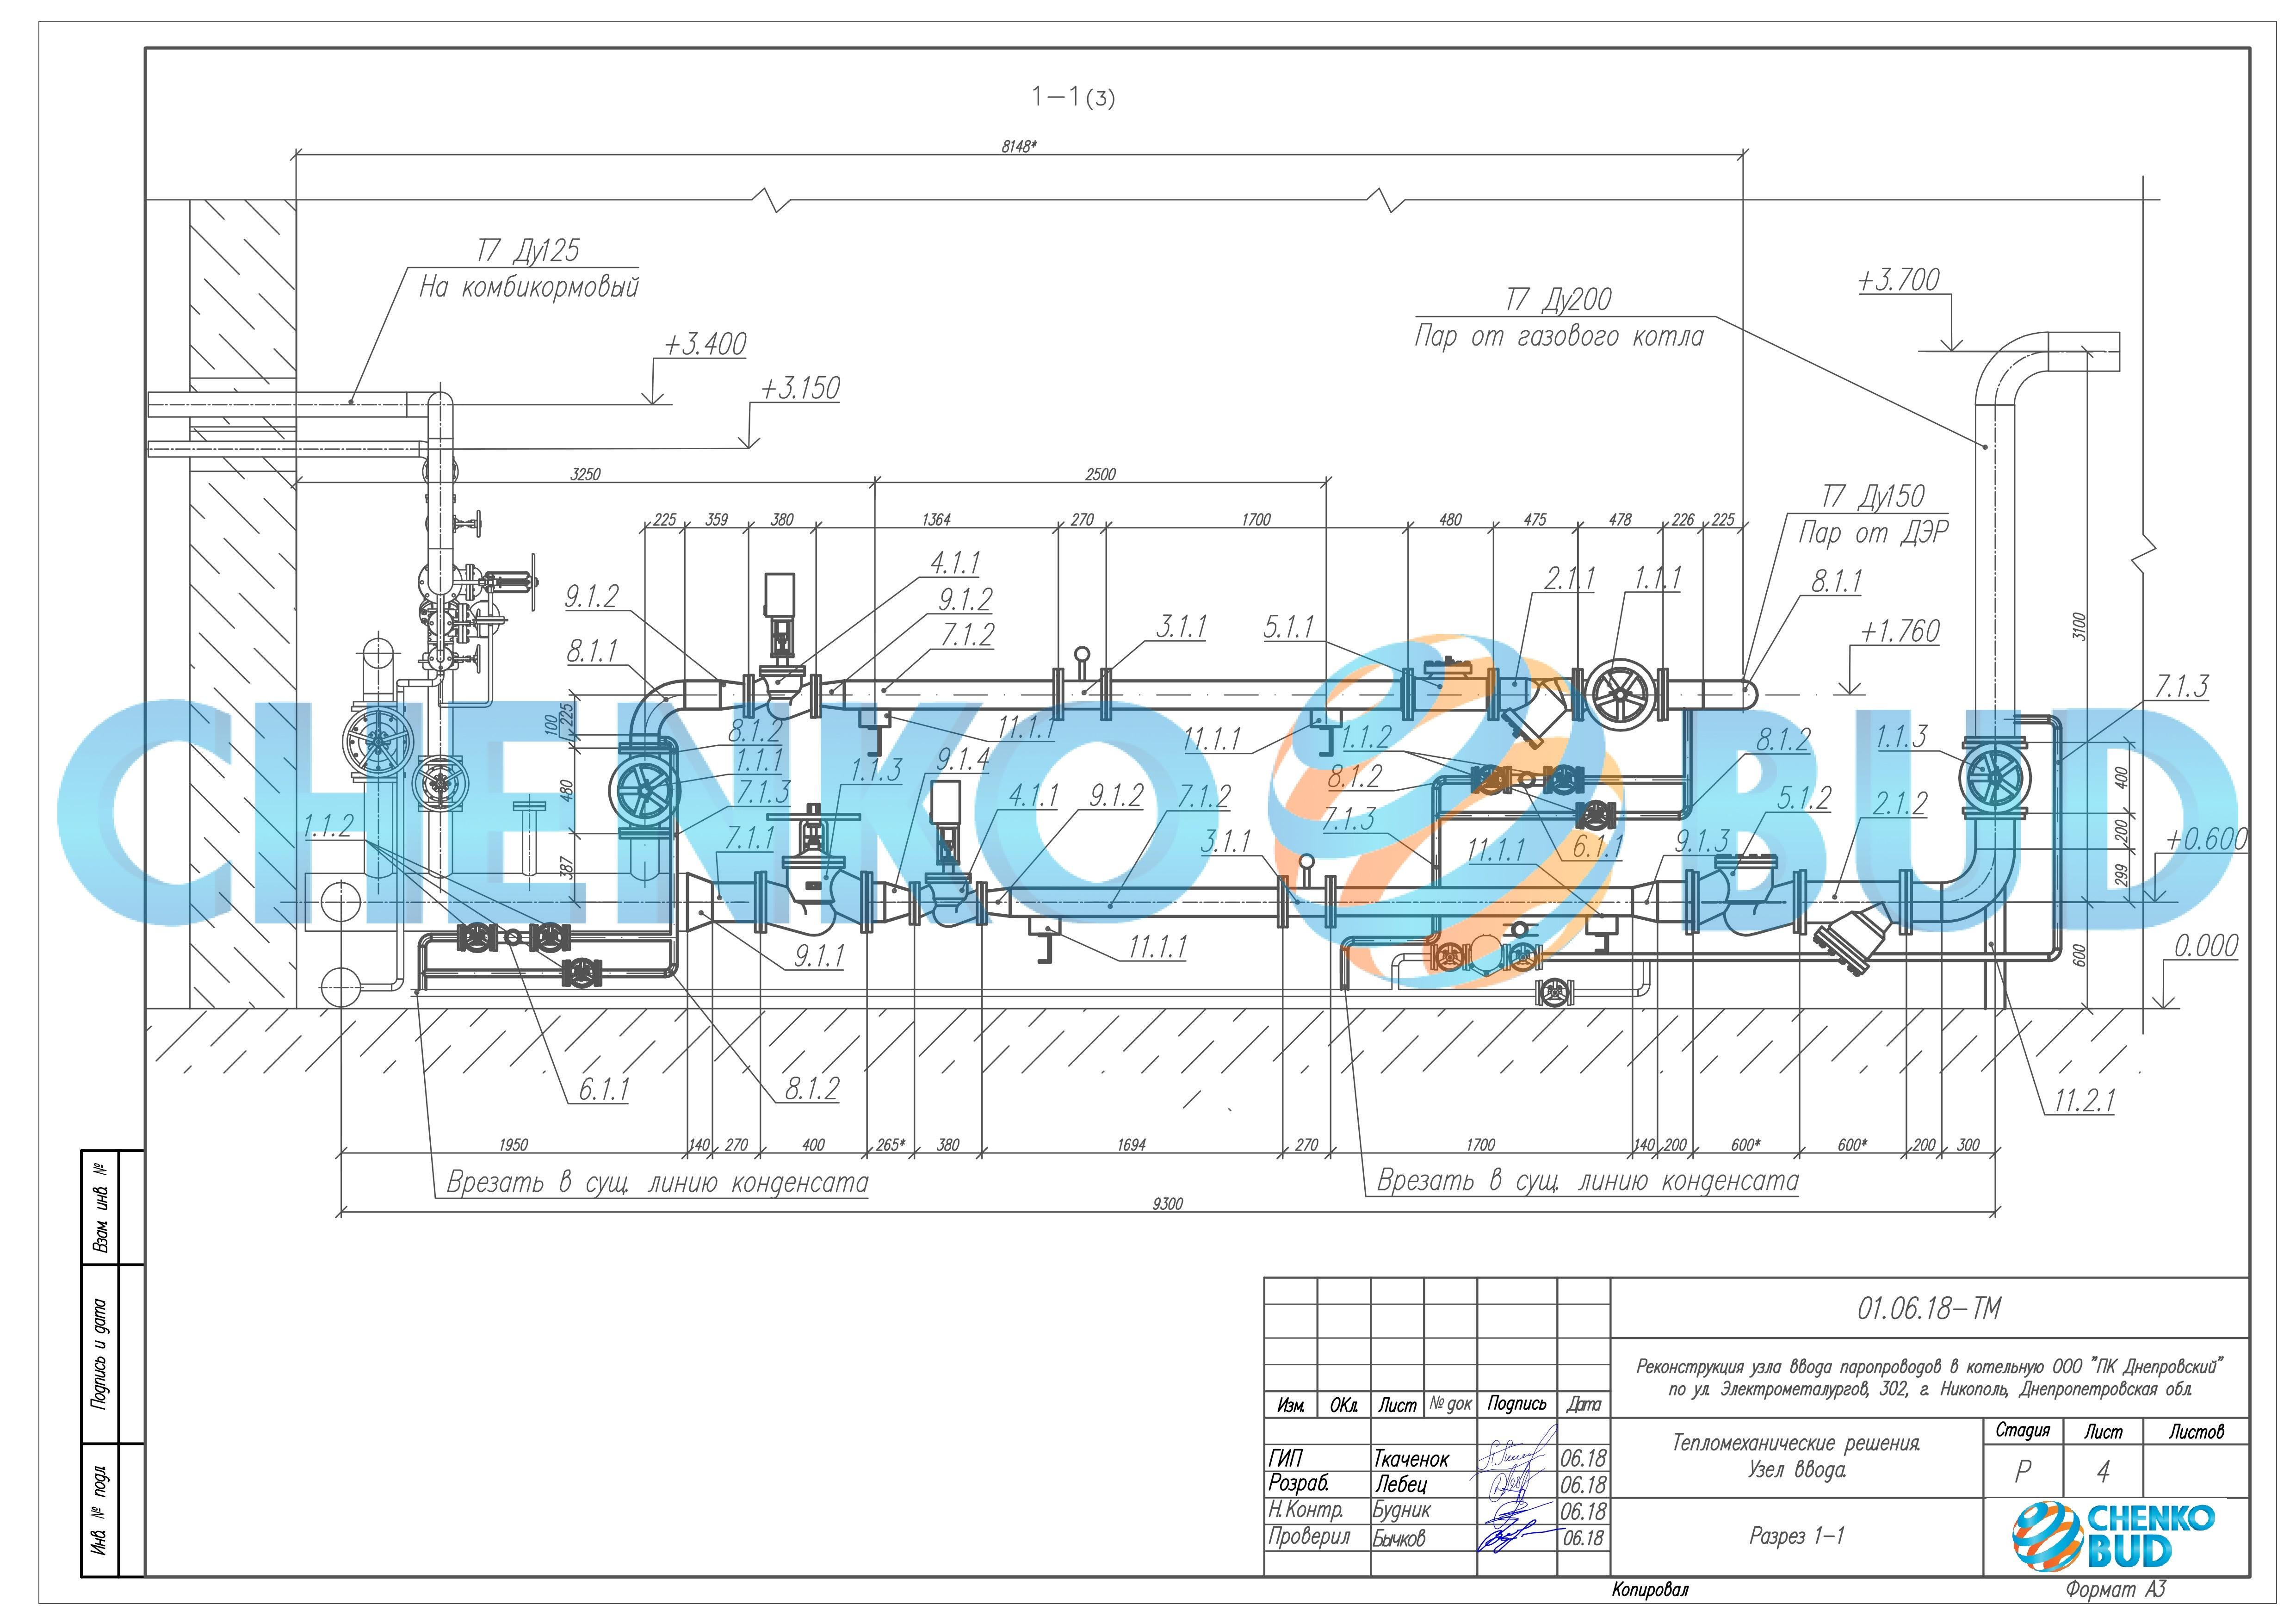 Чертёж - реконструкция узла ввода паропроводов в котельную ООО «ПК «Днепровский»